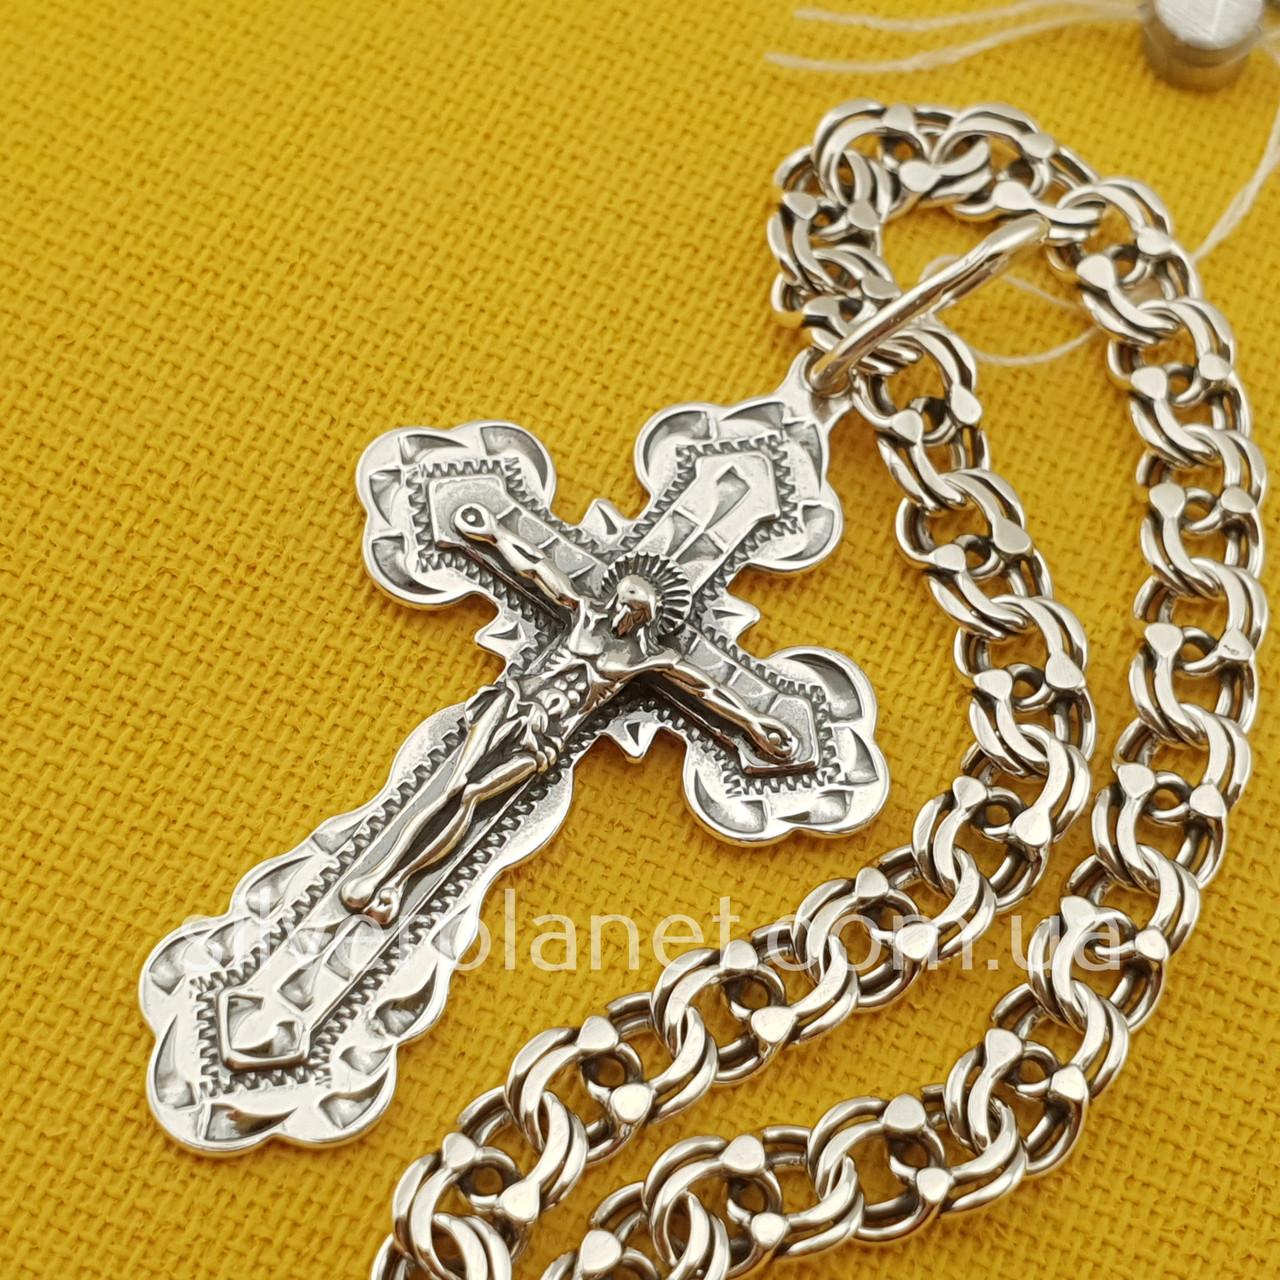 Комплект!!! Срібна ланцюжок чоловіча з хрестиком. Чоловічий кулон і ланцюг на шию. Срібло 925